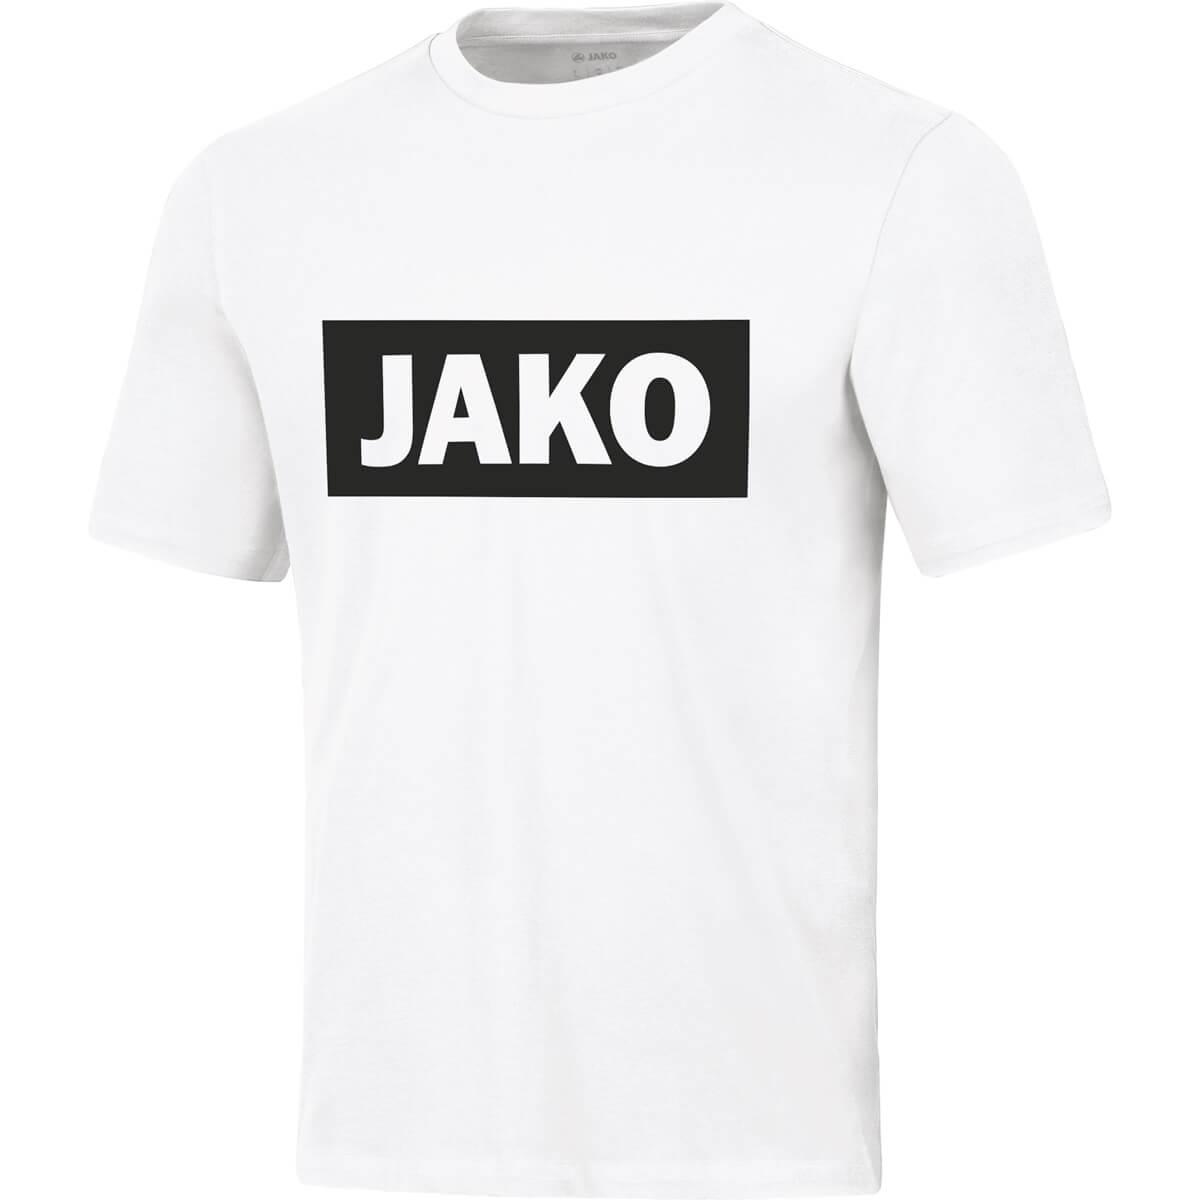 Jako T-Shirt JAKO Herren 6190  | div. Größen / Farben